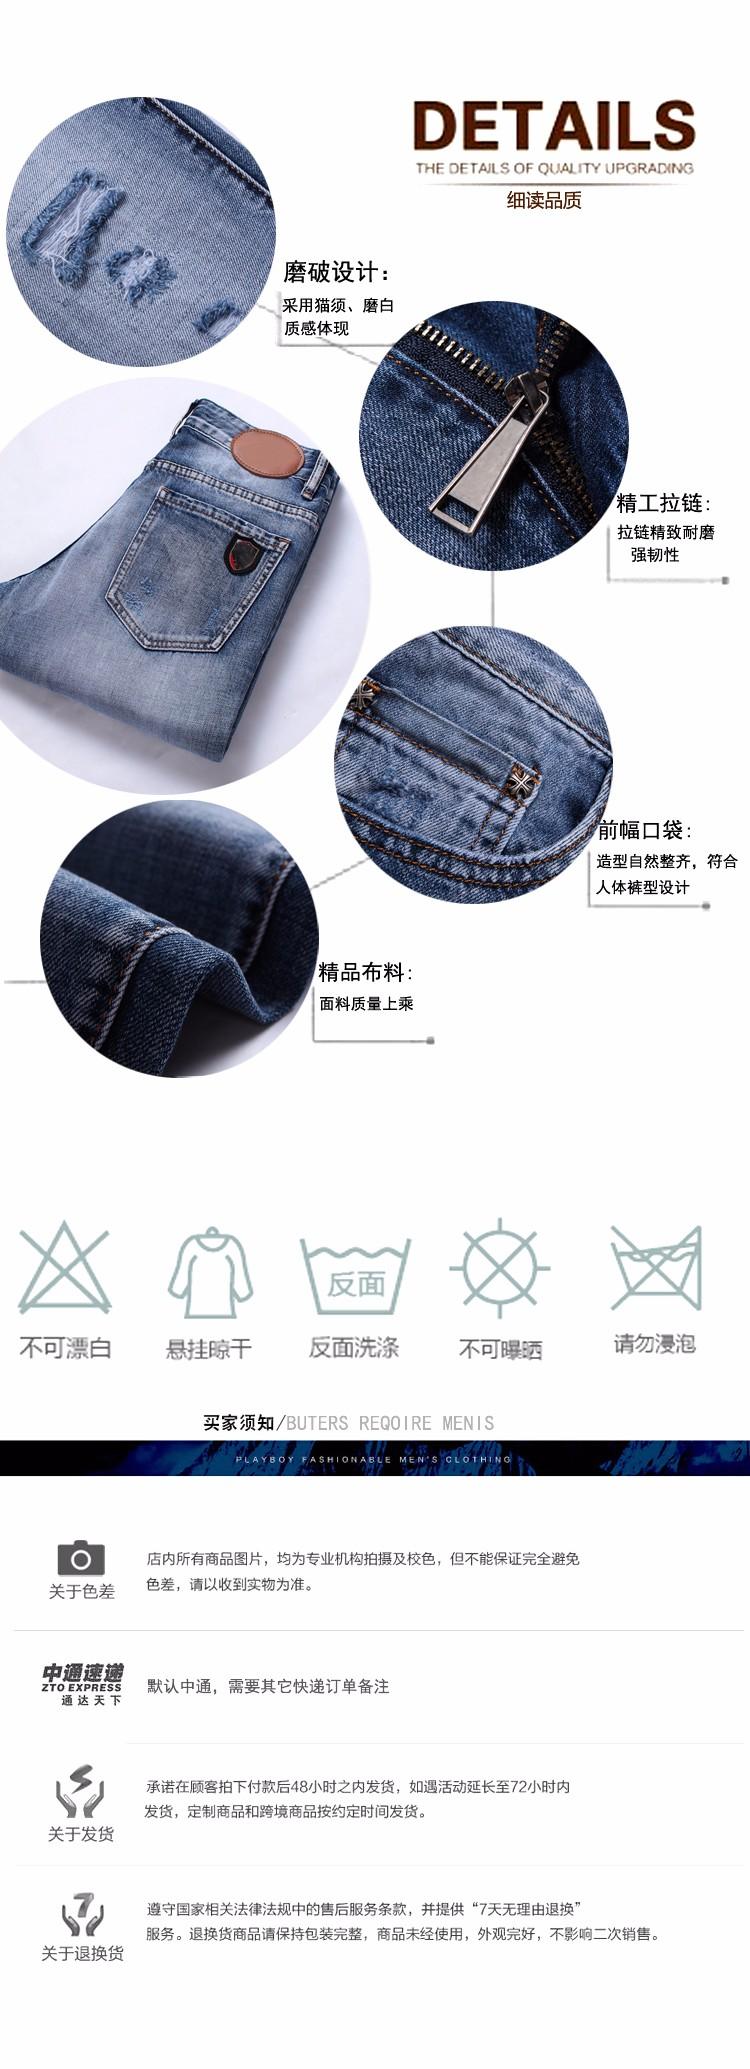 Скидки на Прямо новое отверстие мальчик джинсы Маленькие ноги штаны Высокого качества дизайнерский Бренд мужские брюки